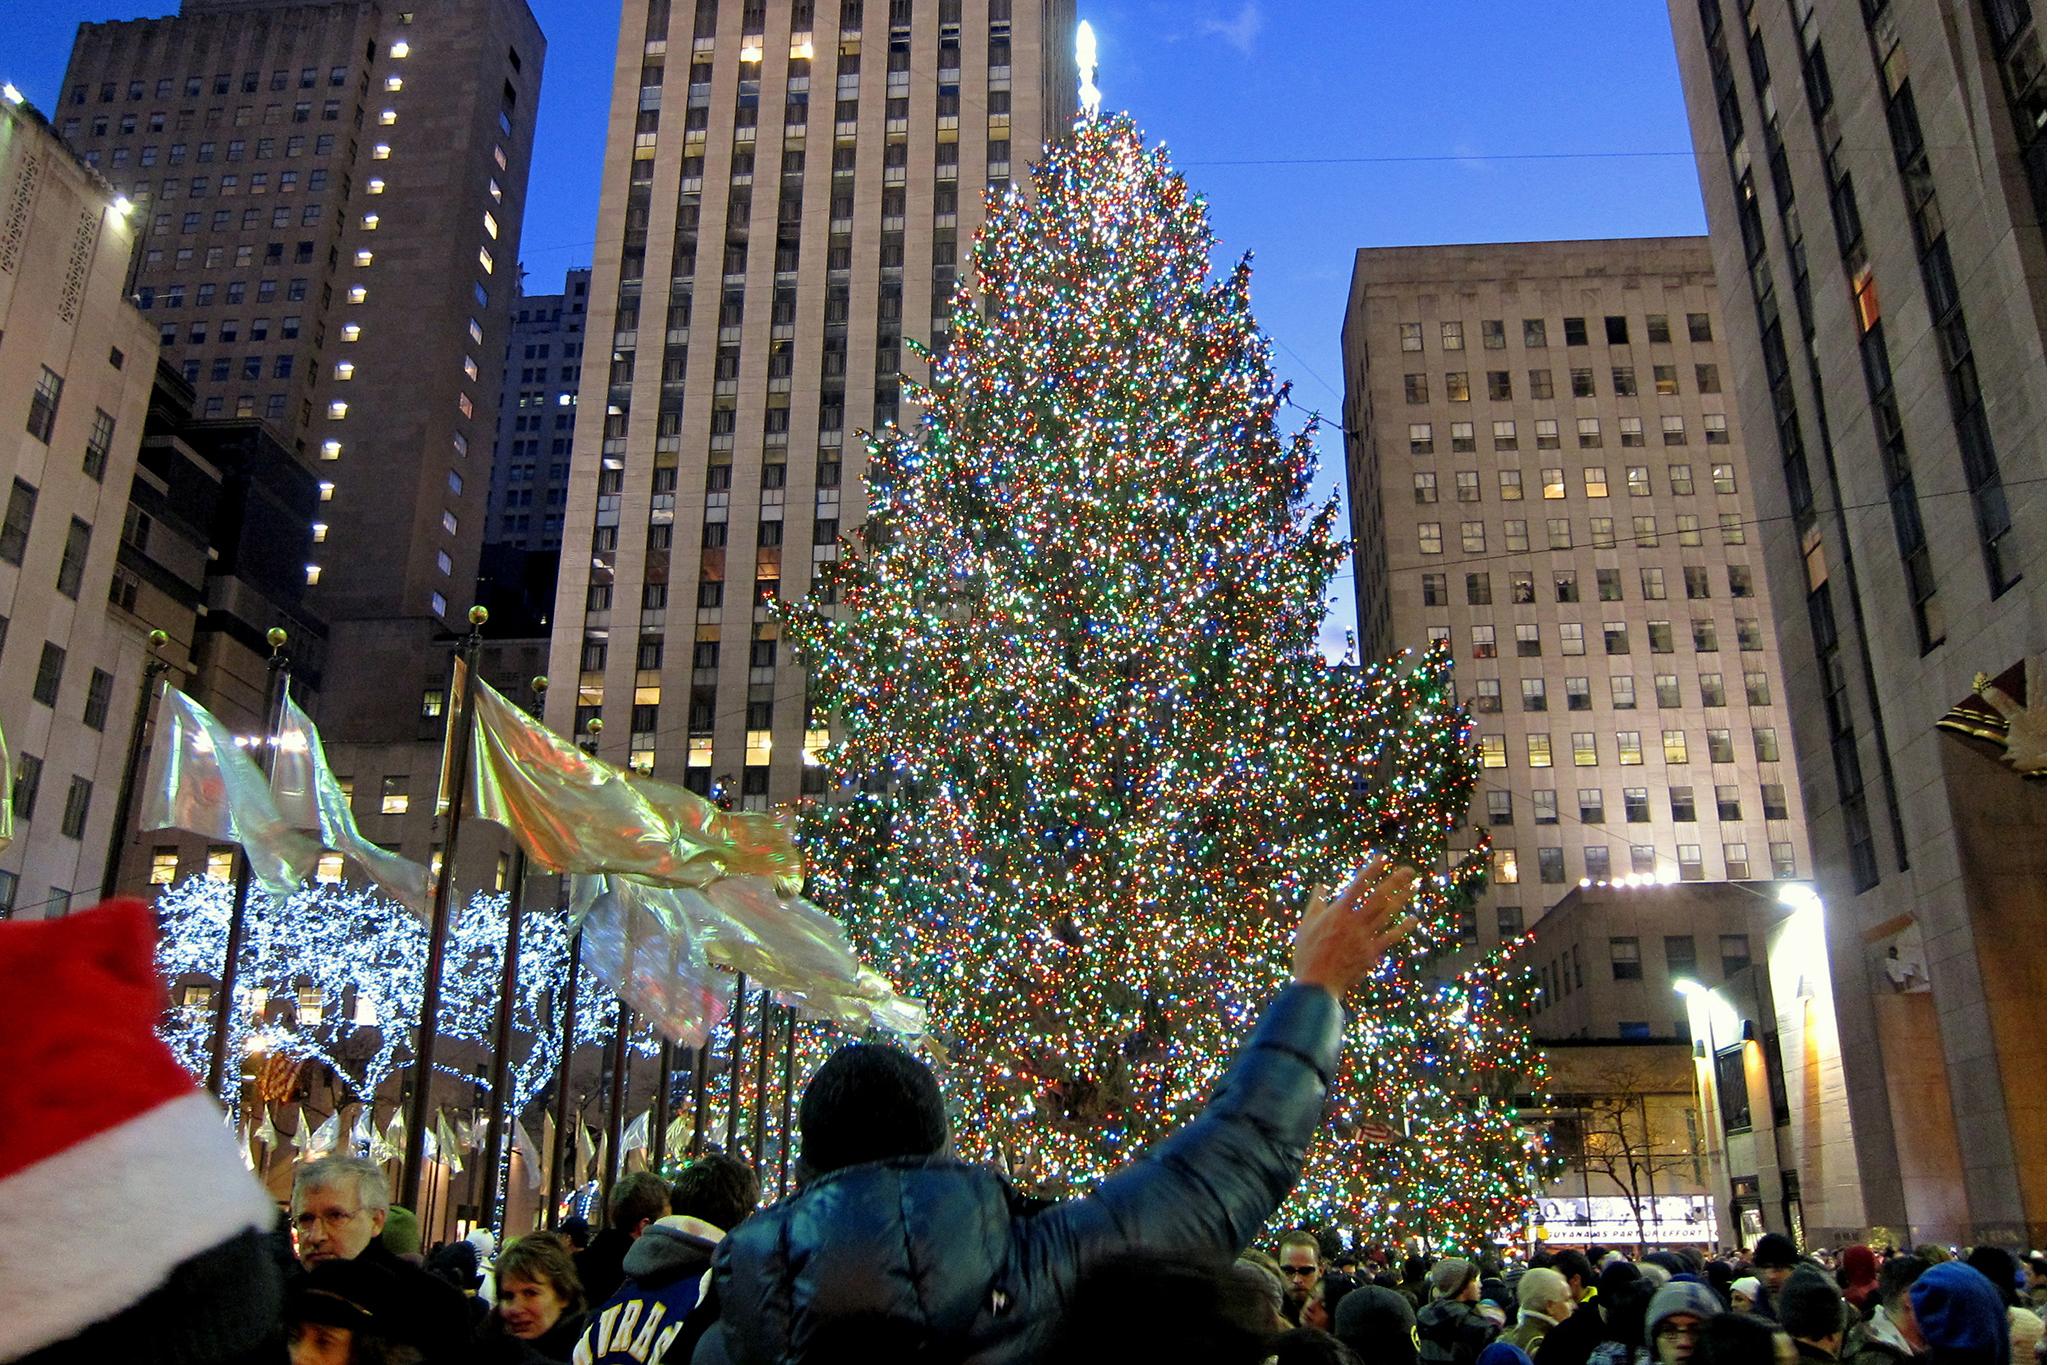 Photos Of The Rockefeller Center Christmas Tree Through